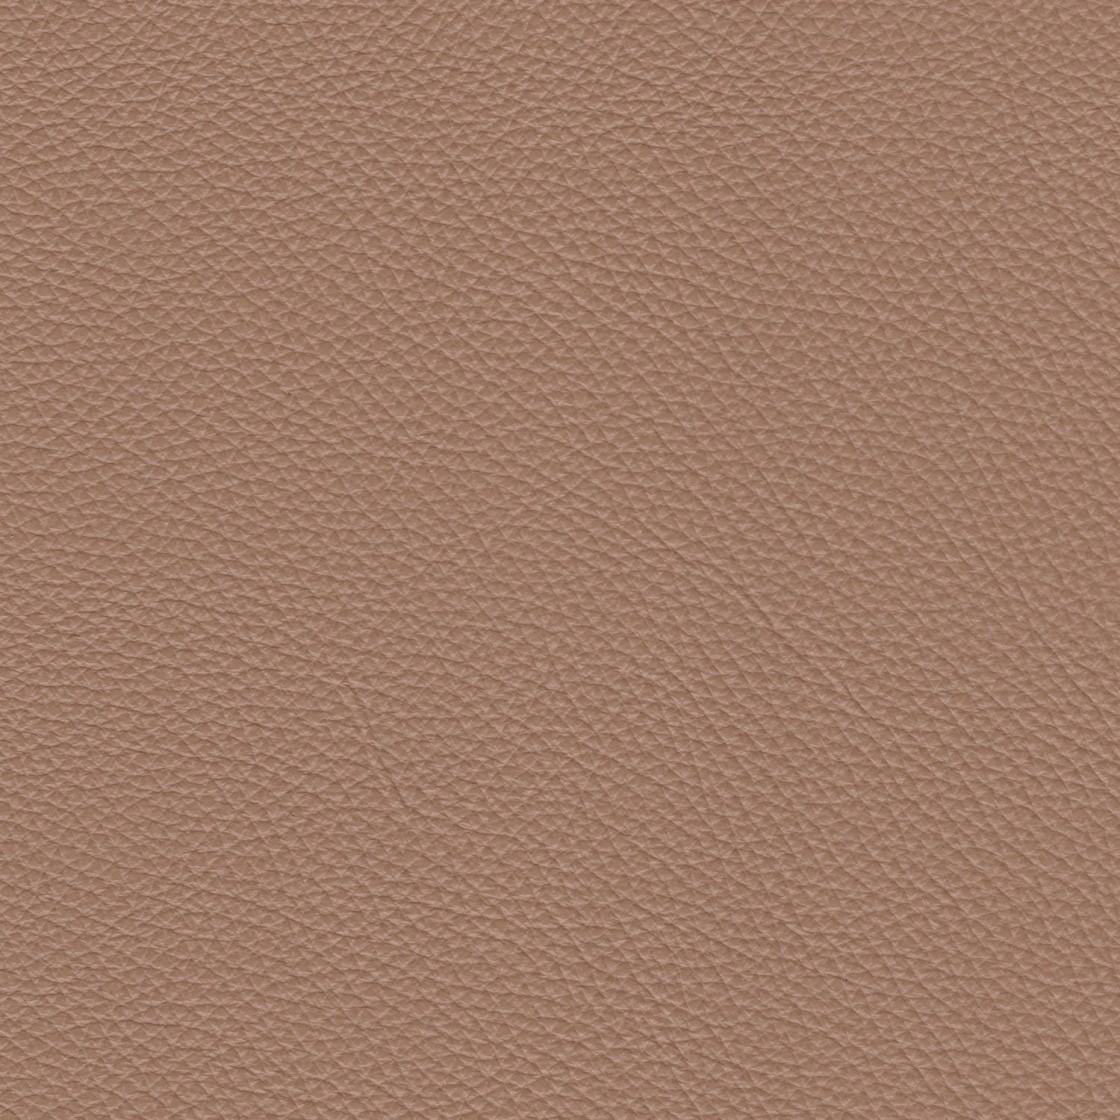 Granit - Pleine Fleur, Grain Foulon, Souple, 8 coloris